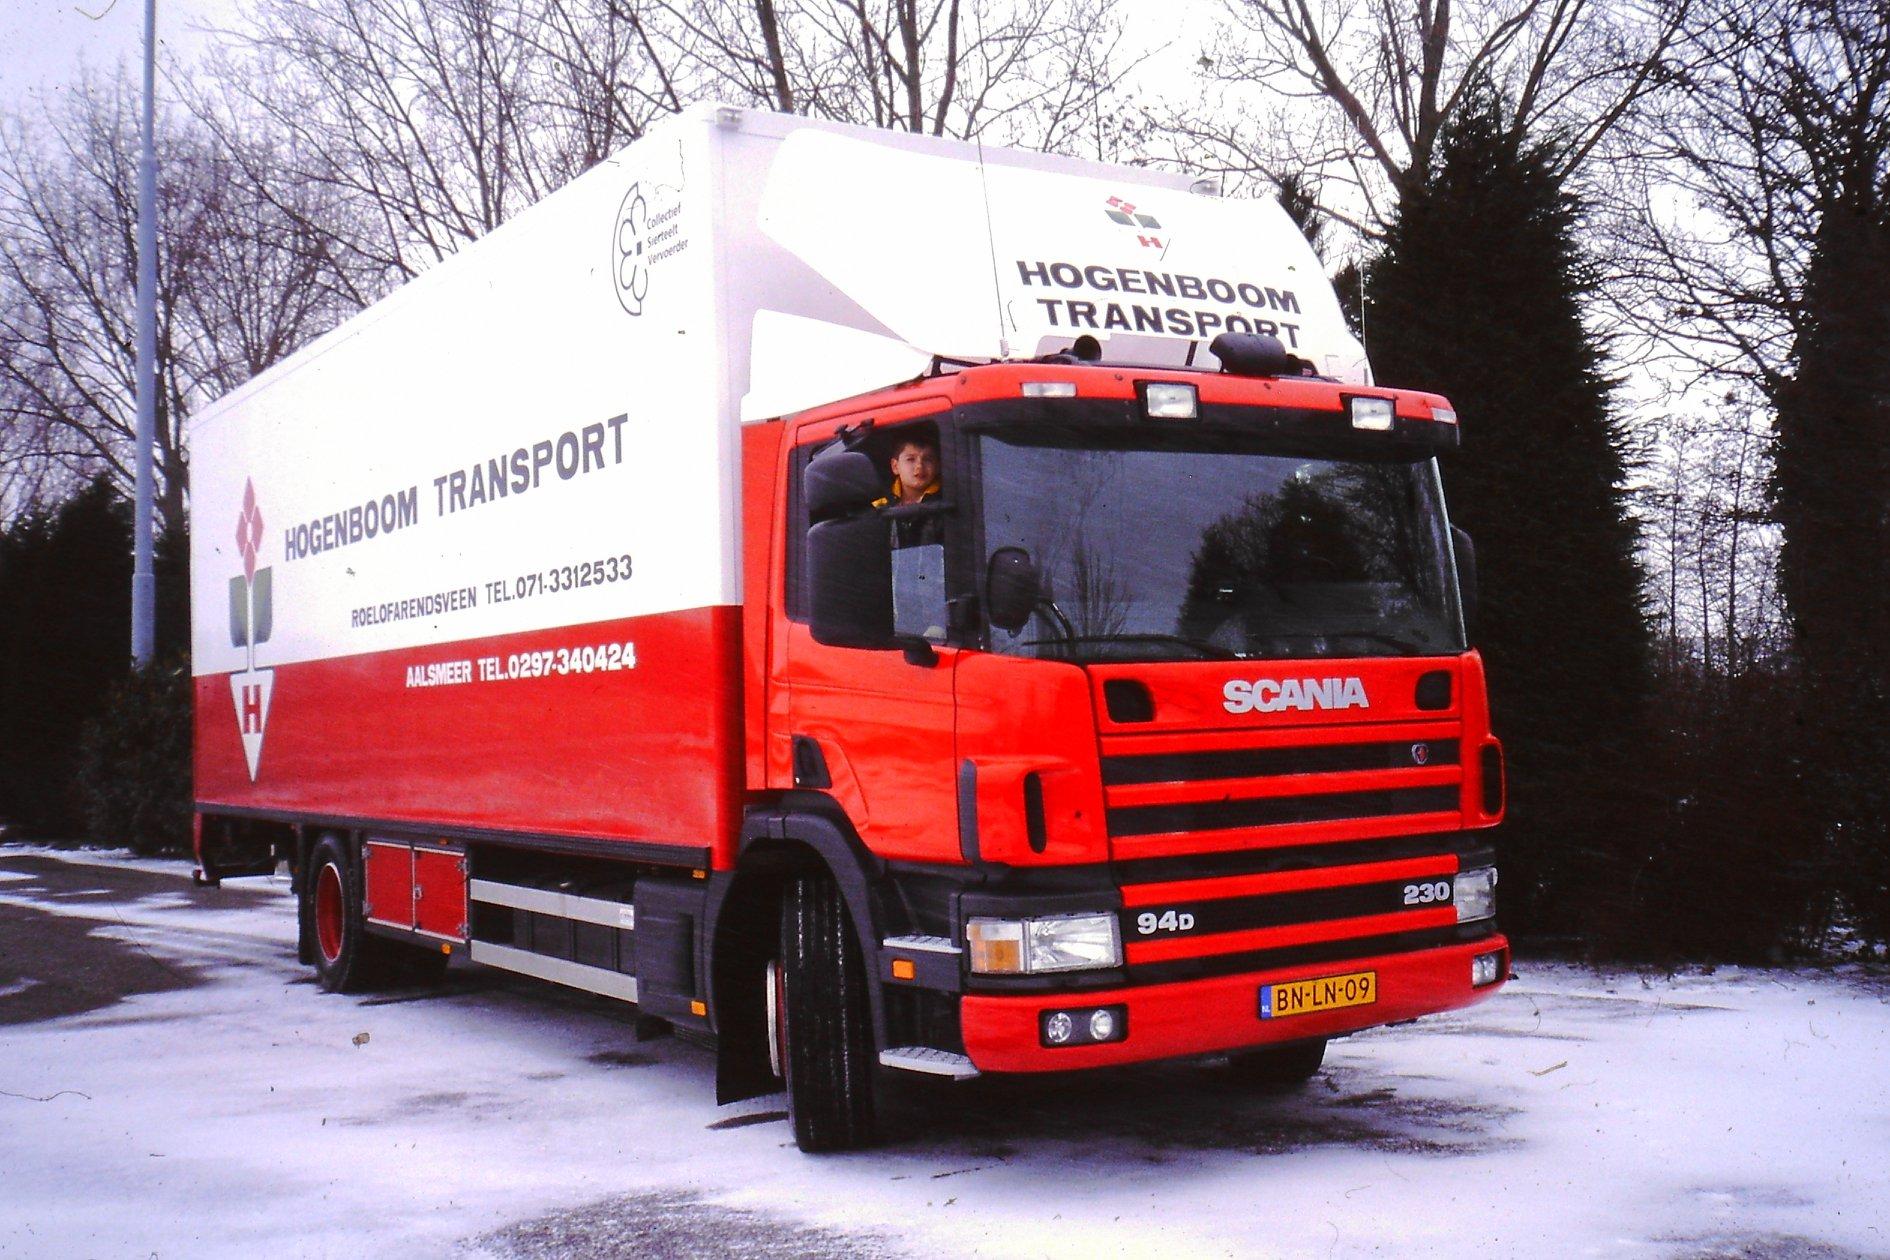 Peter-Nieuwkoop-met-zijn-nieuwe-scania-27-1-2003-7